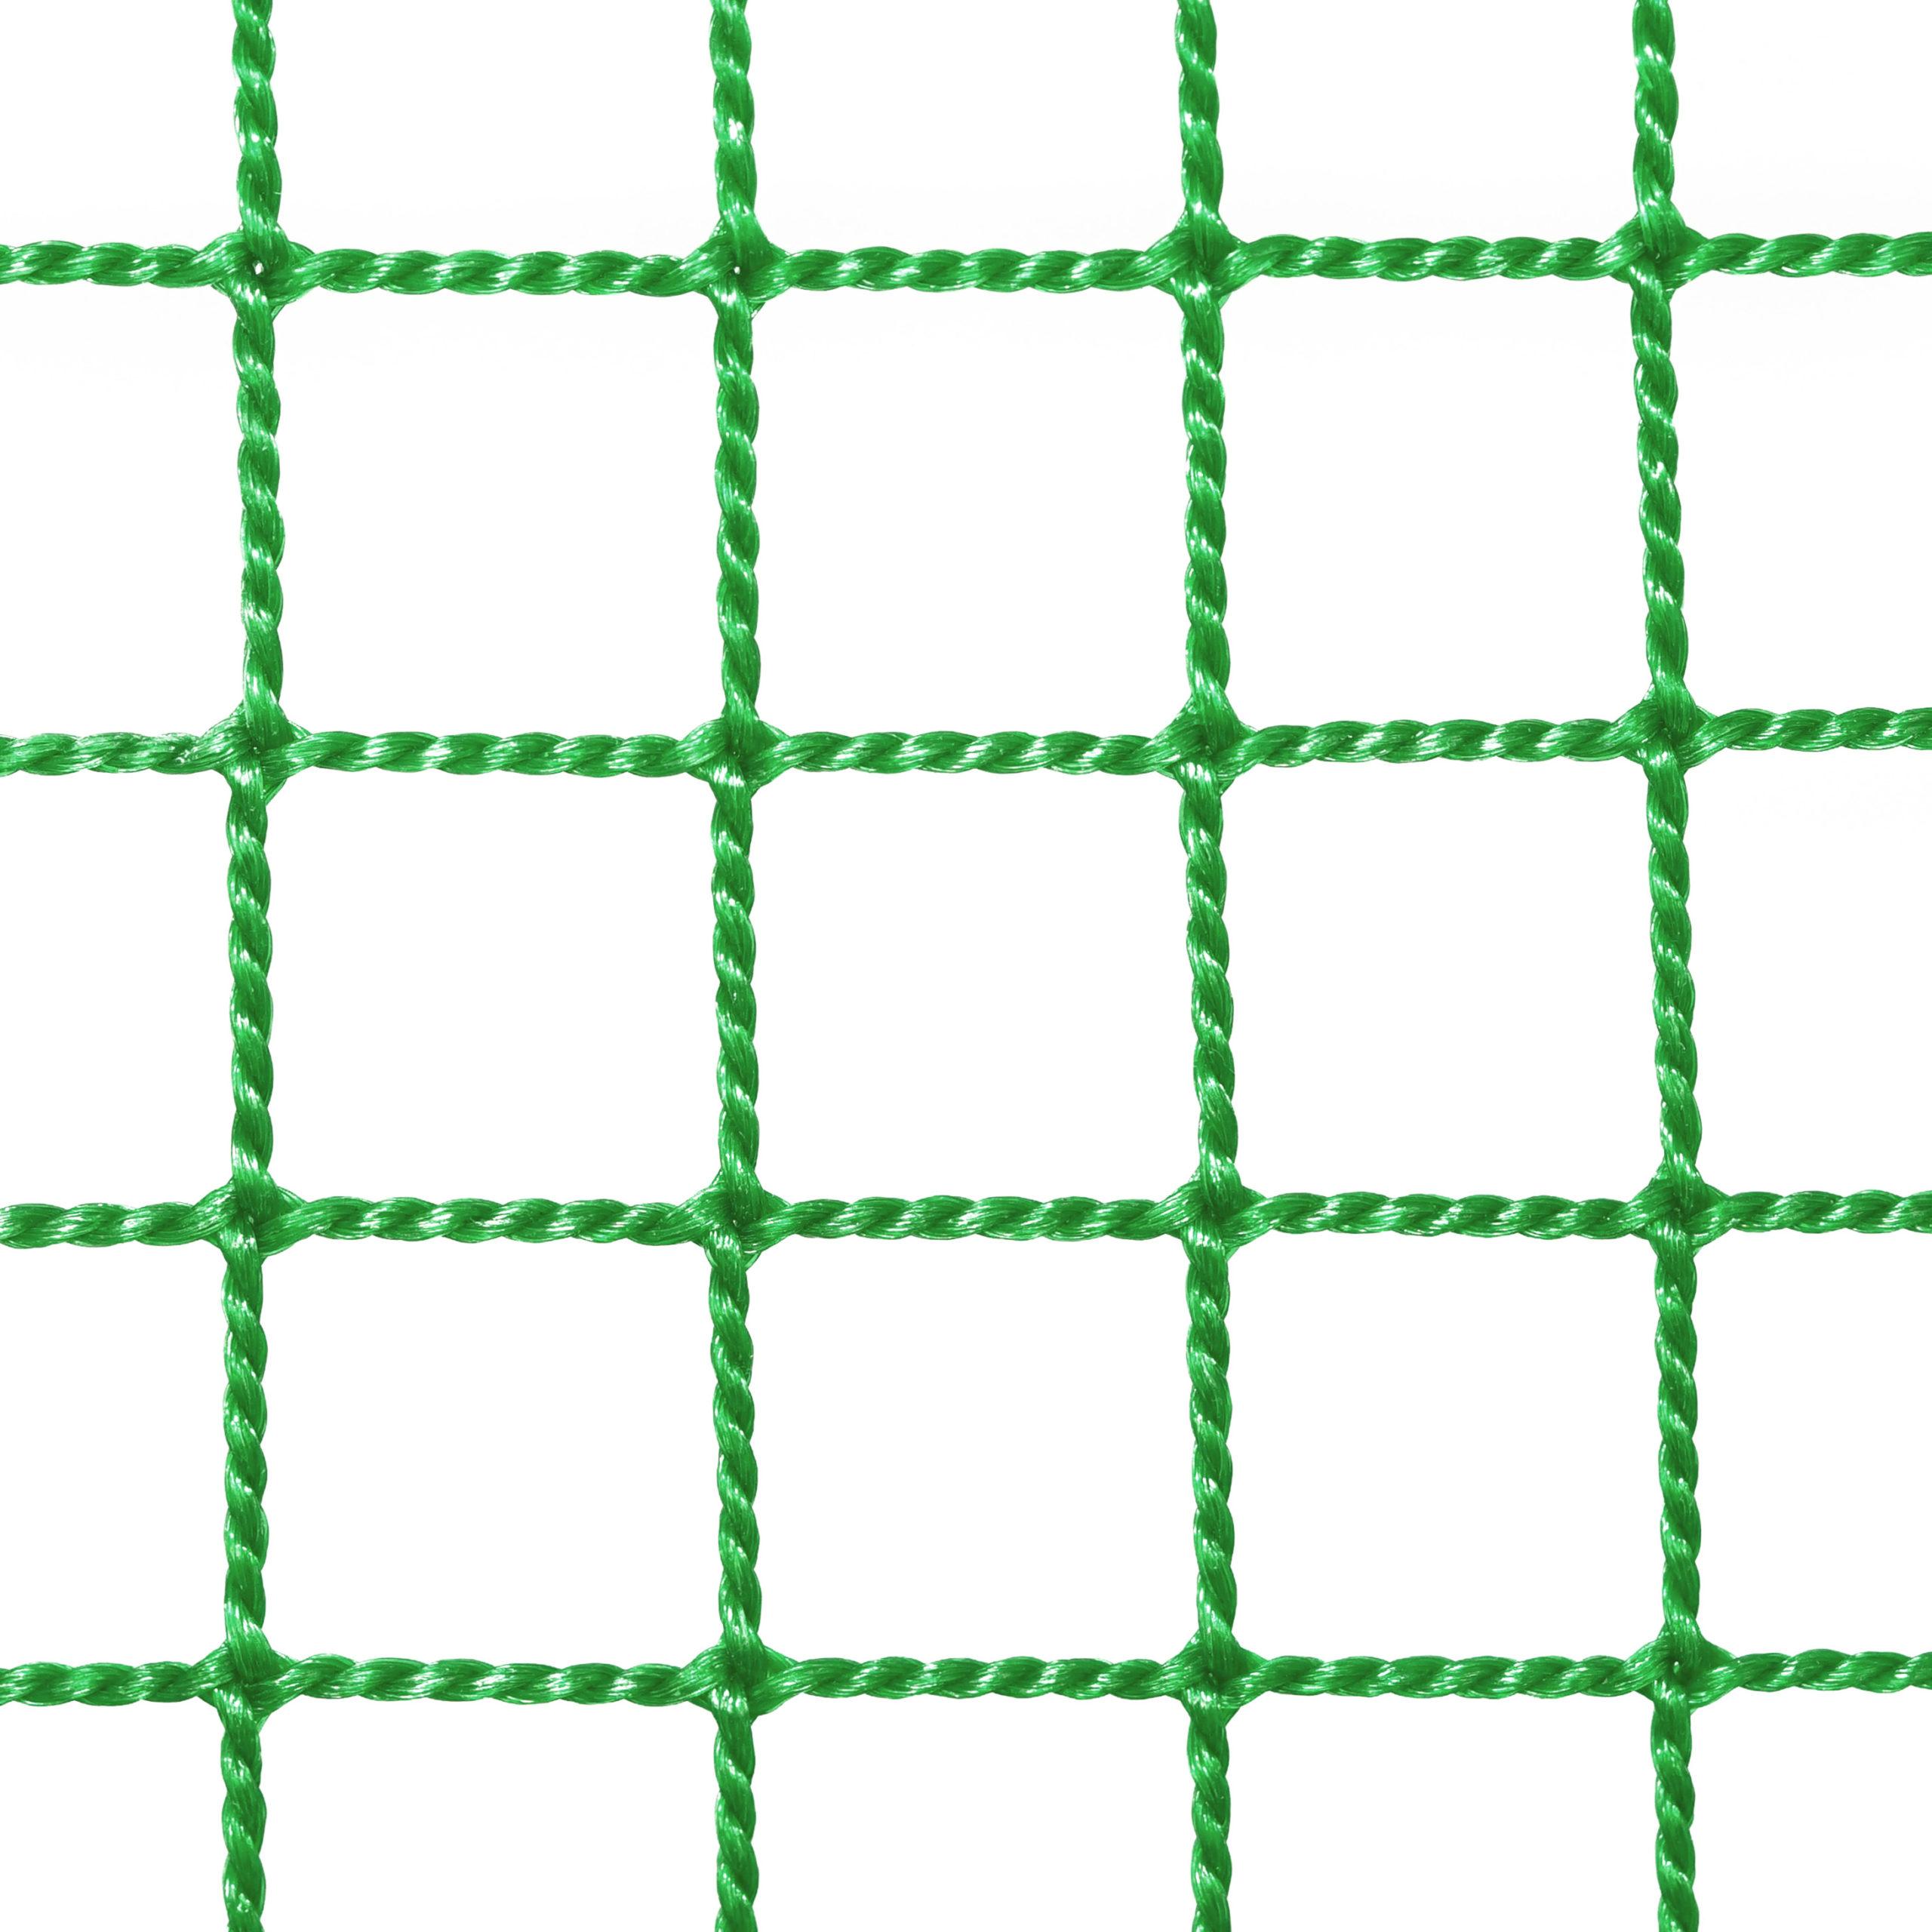 〈ヨリ線ネット20〉目合い:20mm カラー:グリーン